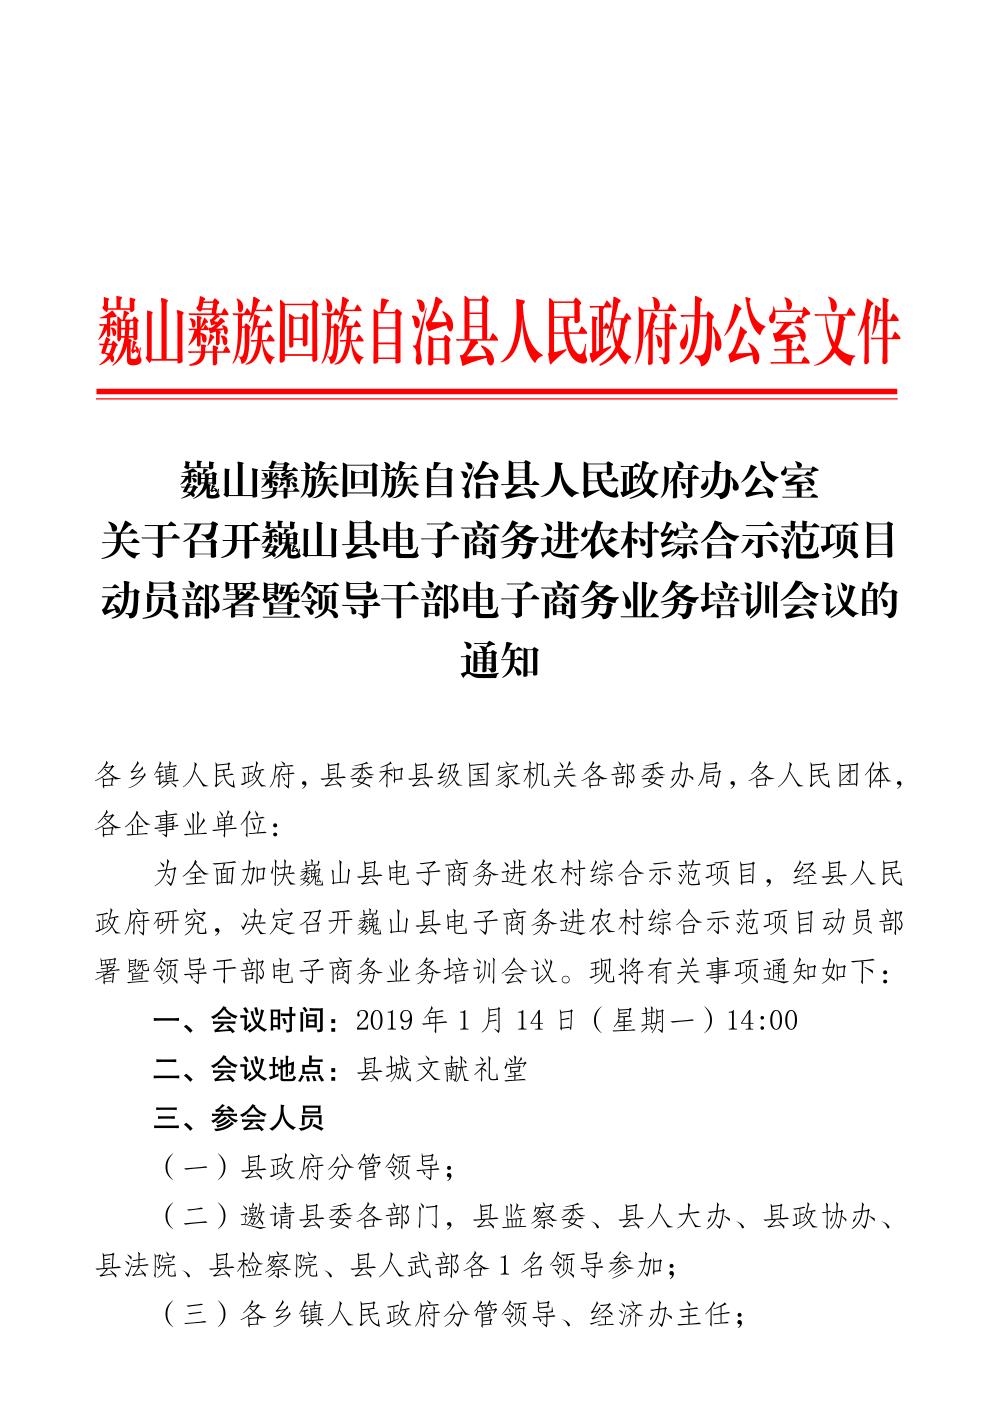 党政干部通知1.png